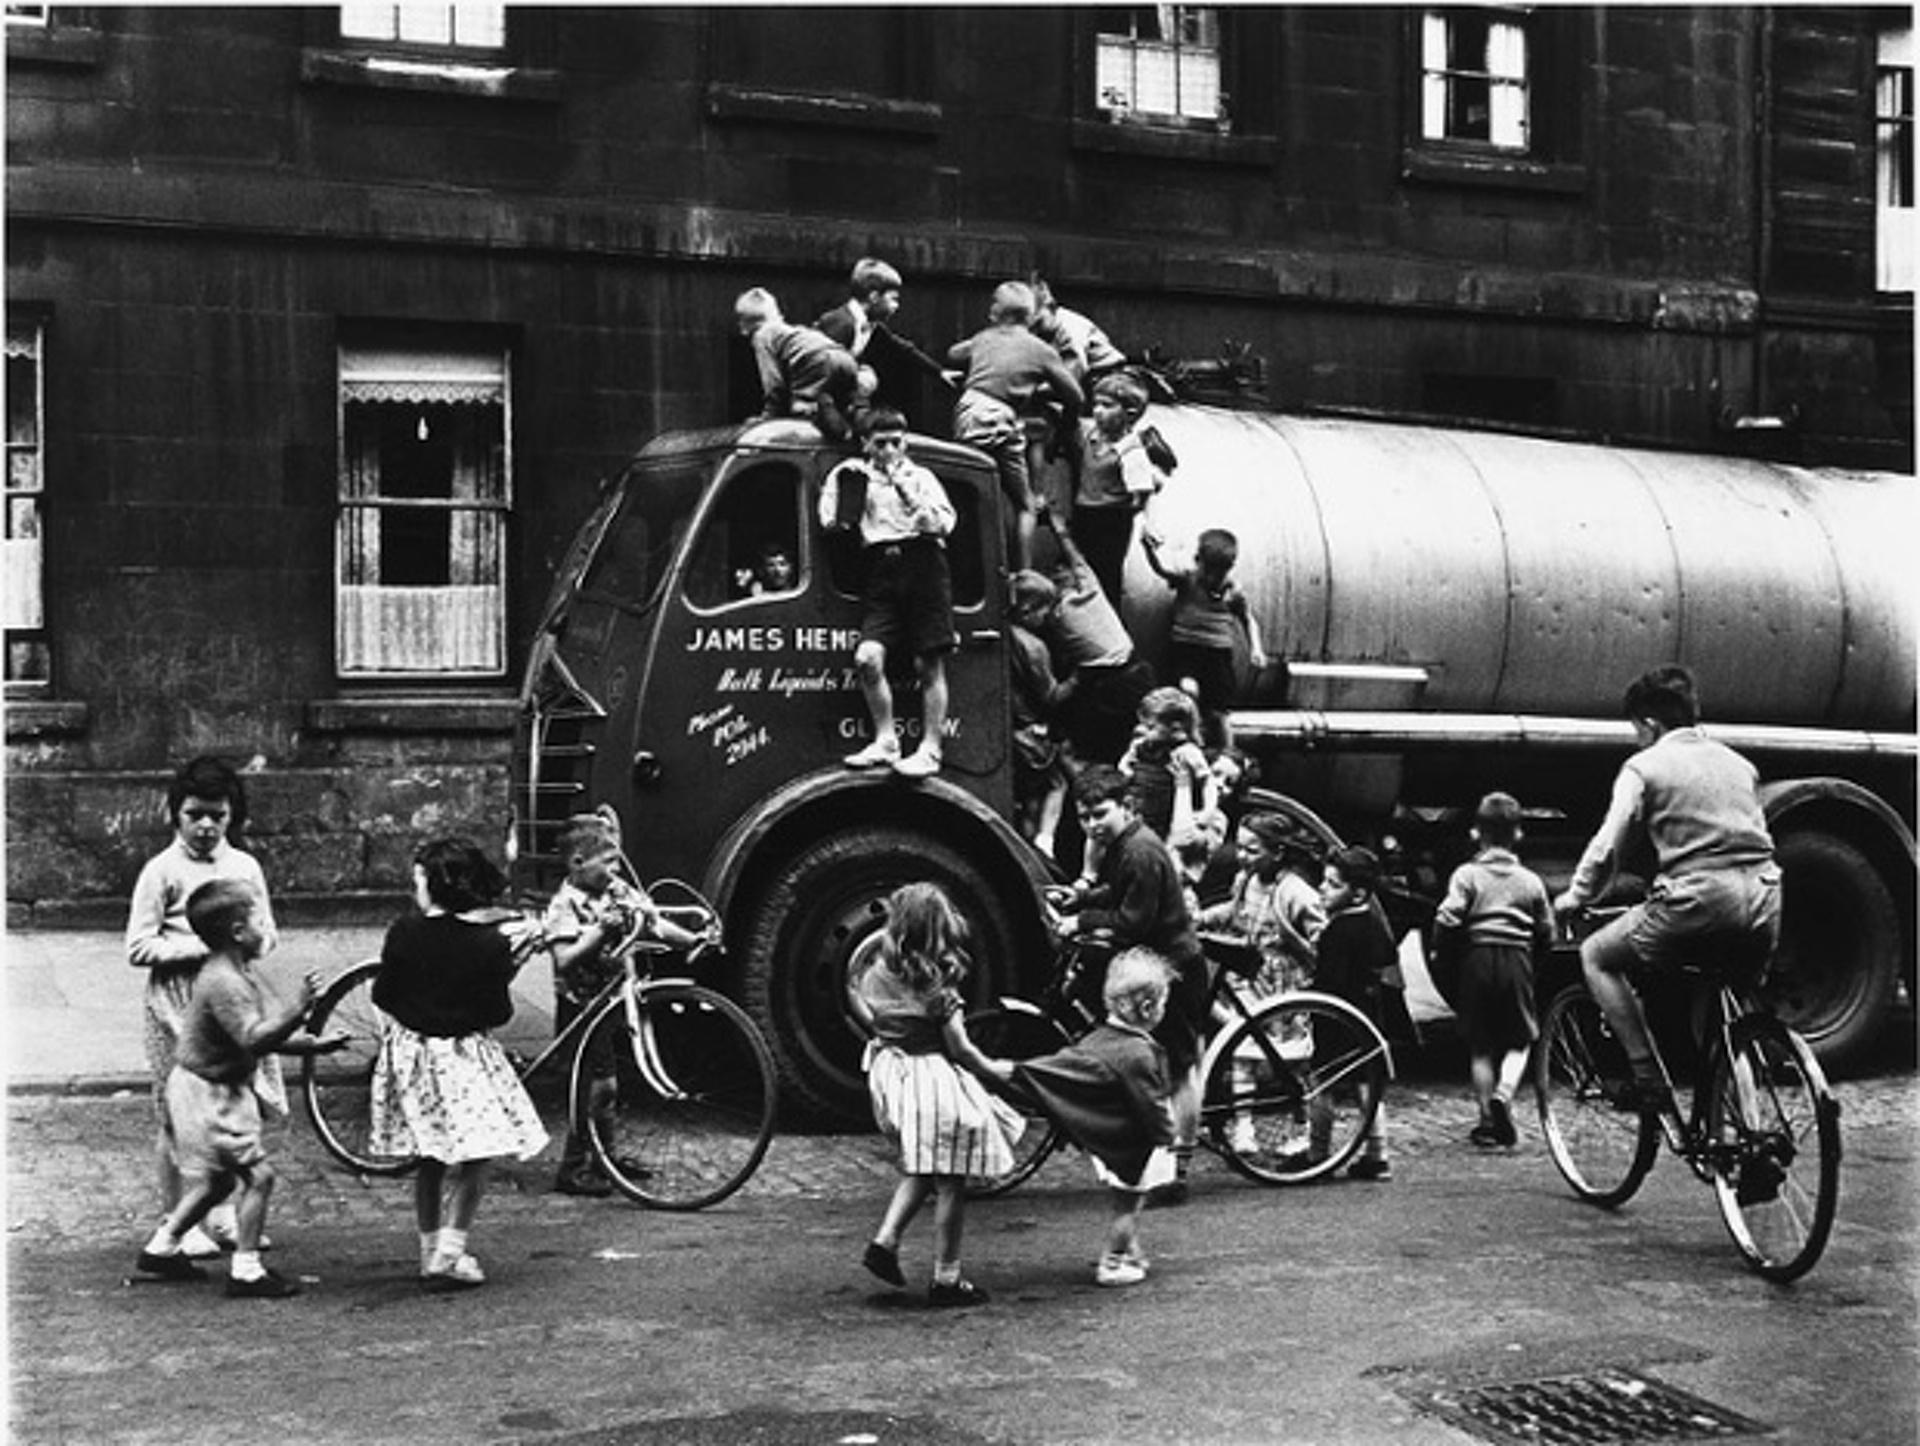 1958. Дети вокруг грузовика, Каукэдденс, Глазго